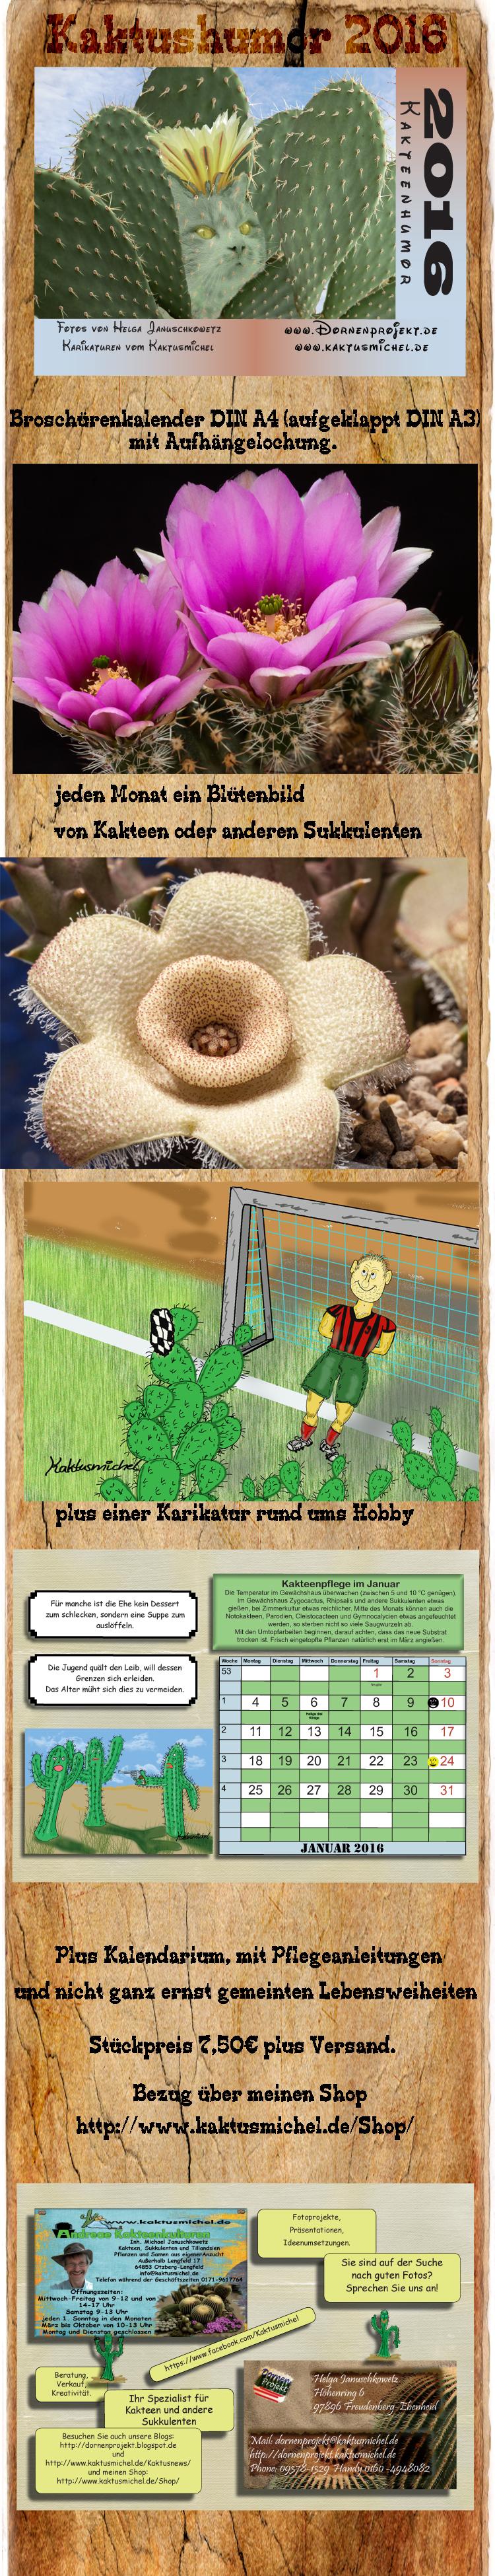 ©Kaktusmichel.de